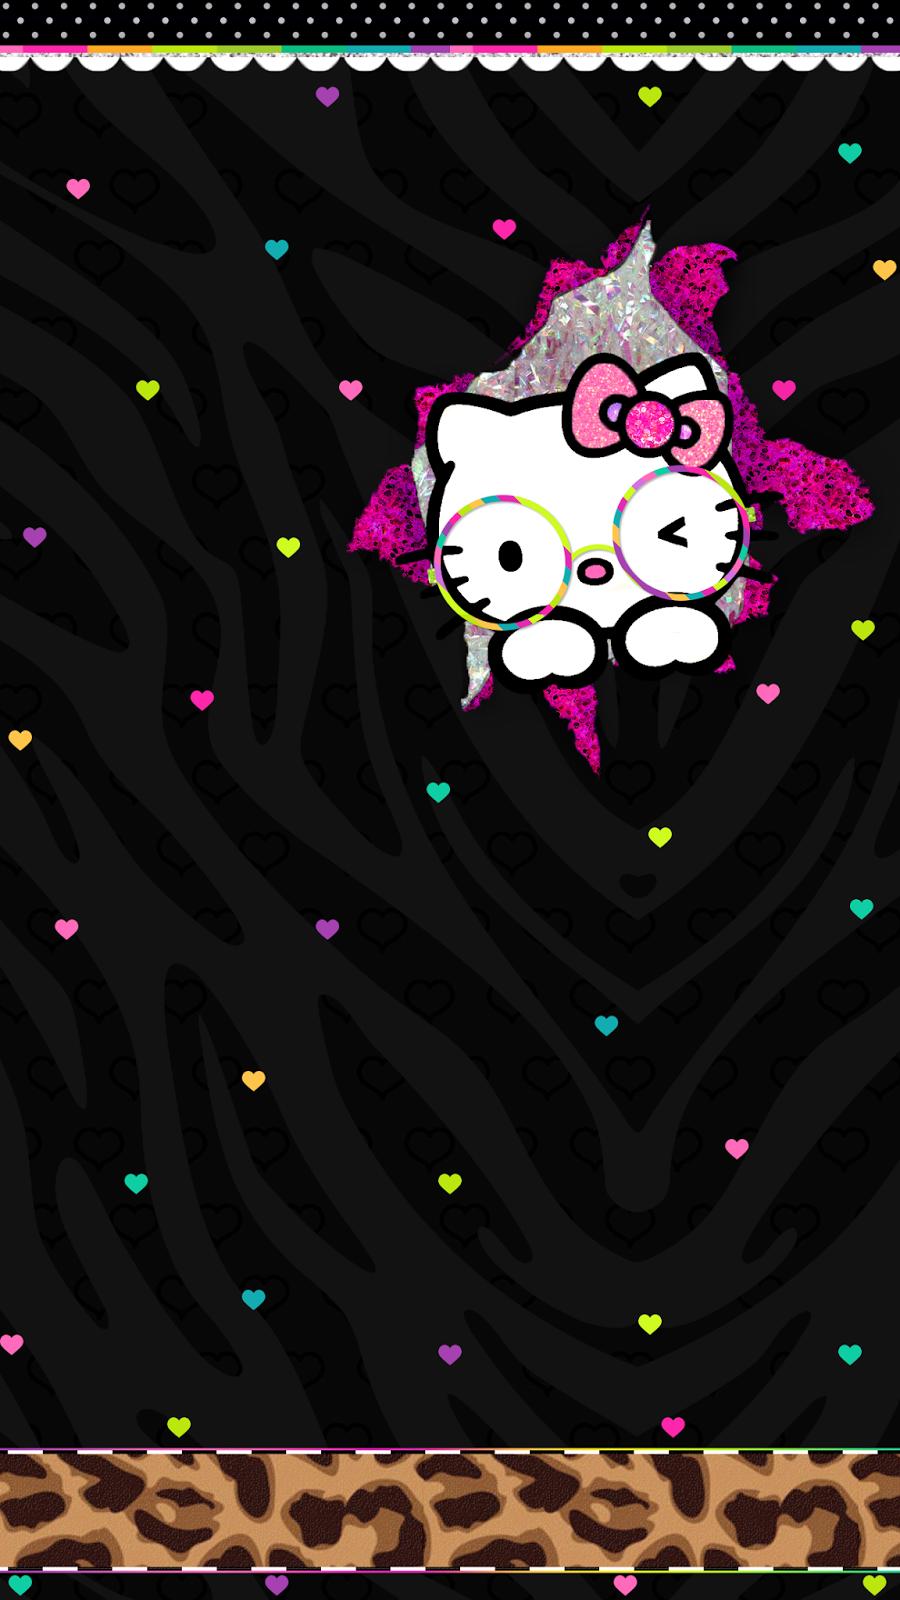 iPhone Wall HK tjn Hello kitty wallpaper, Hello kitty